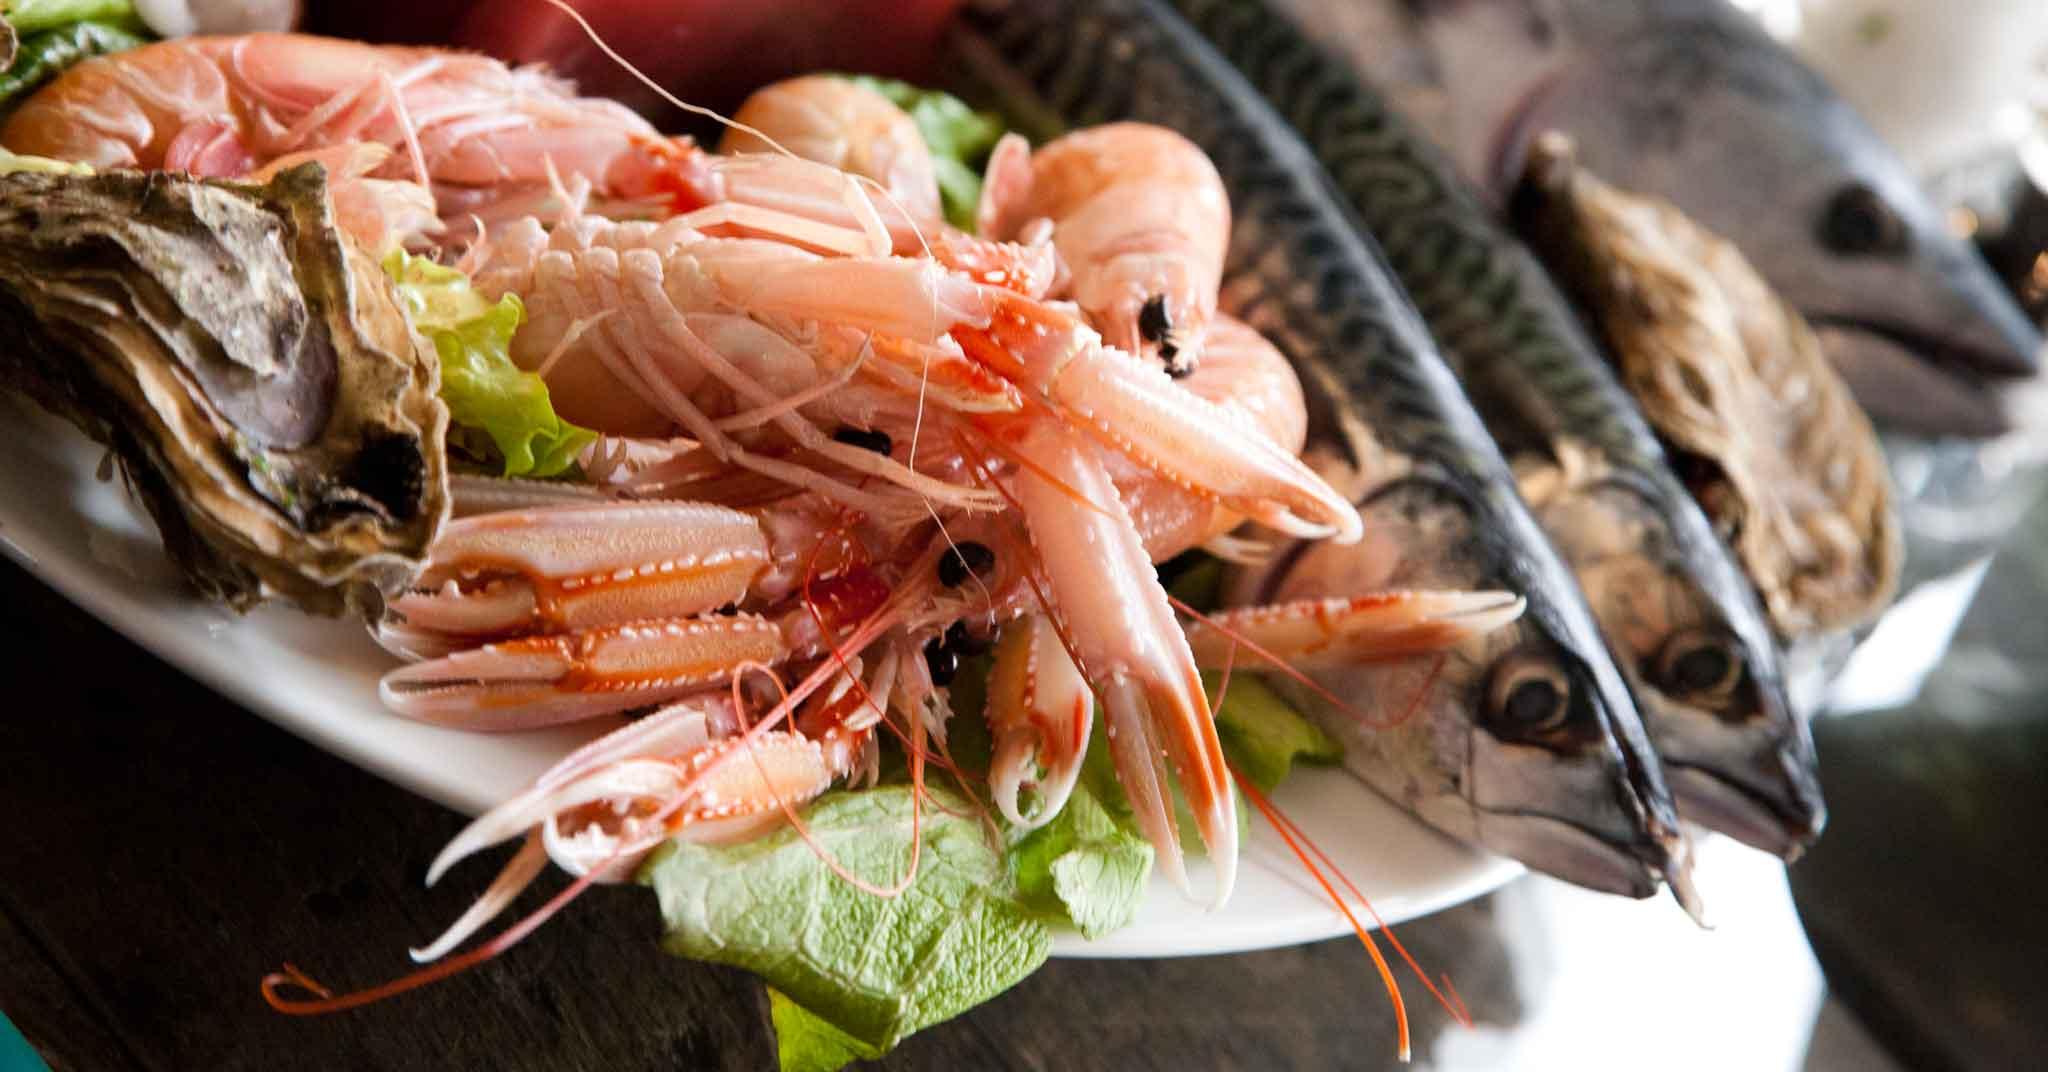 Pesce crudo: ecco come consumarlo senza correre pericoli ...